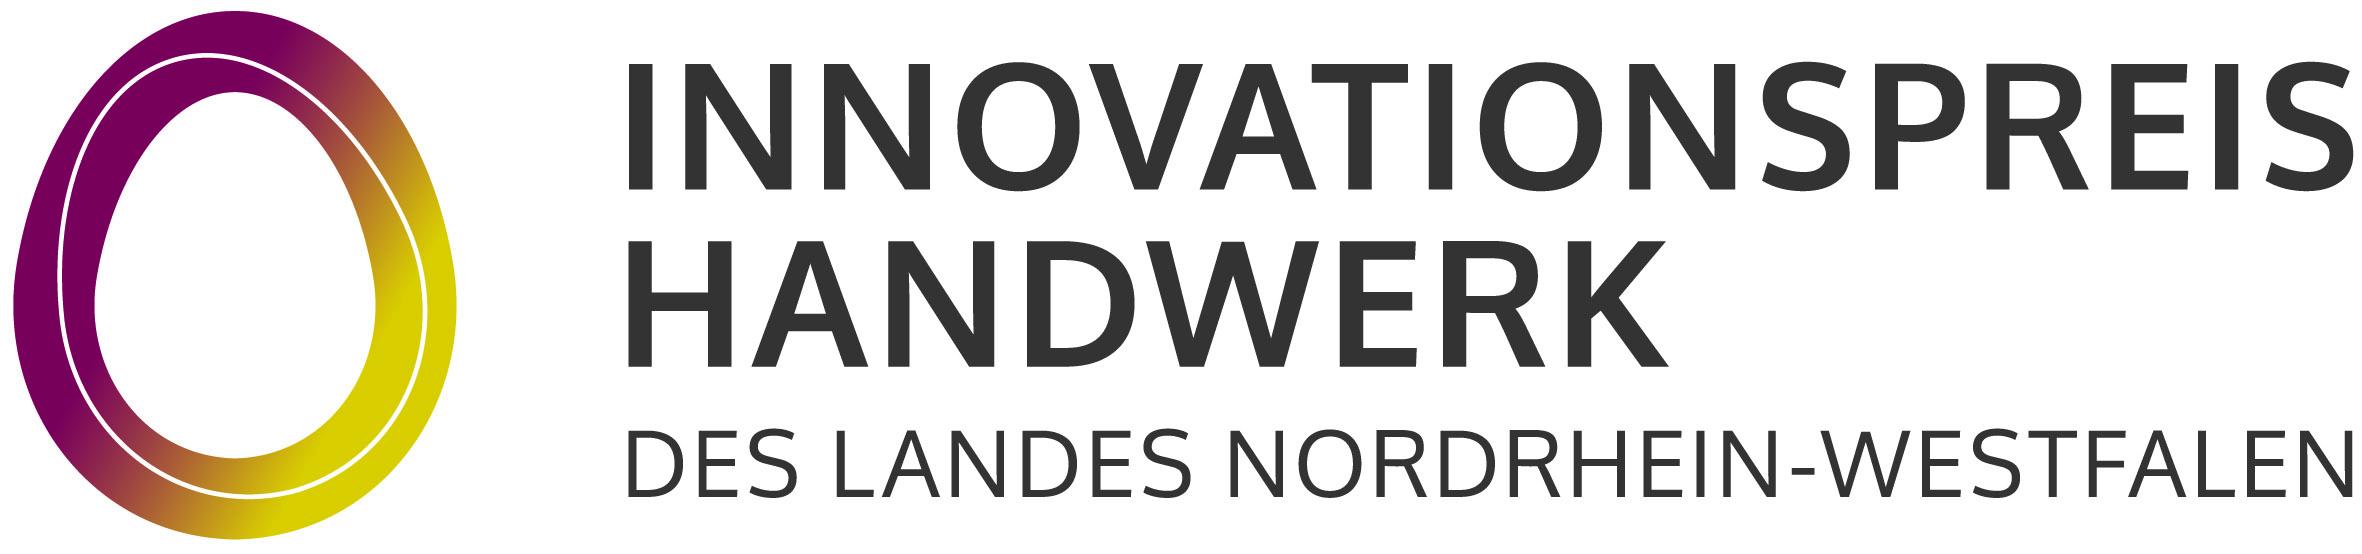 Sieger Innovationspreis Handwerk des Landes Nordrhein-Westfalen